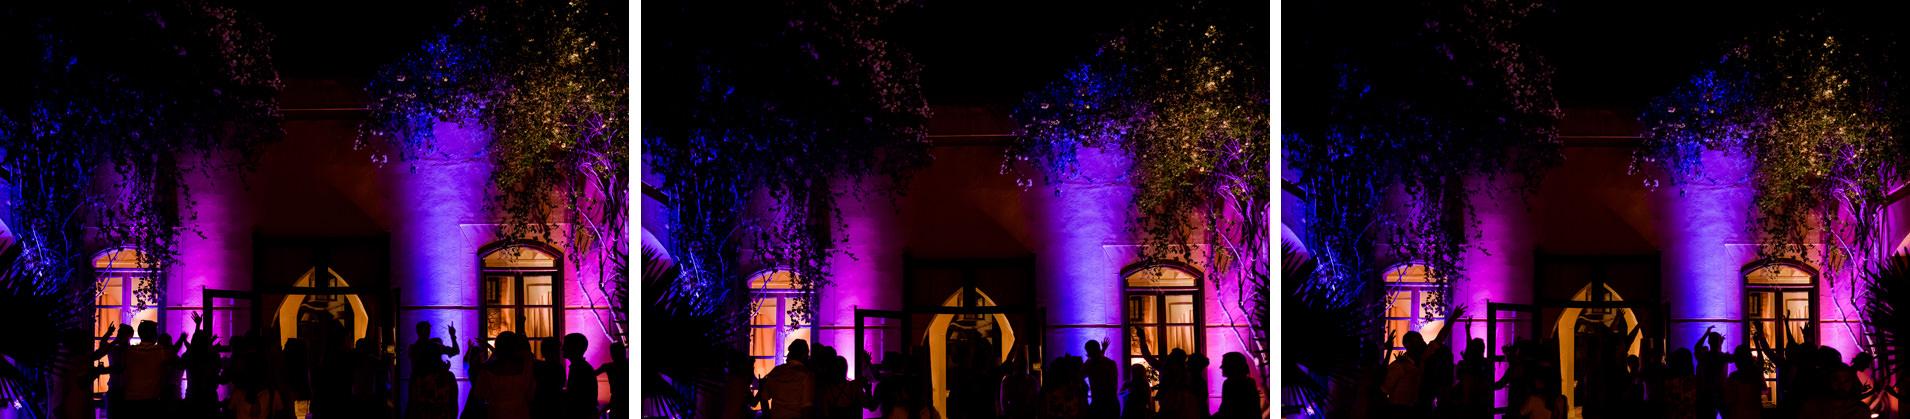 marrakech wedding photo